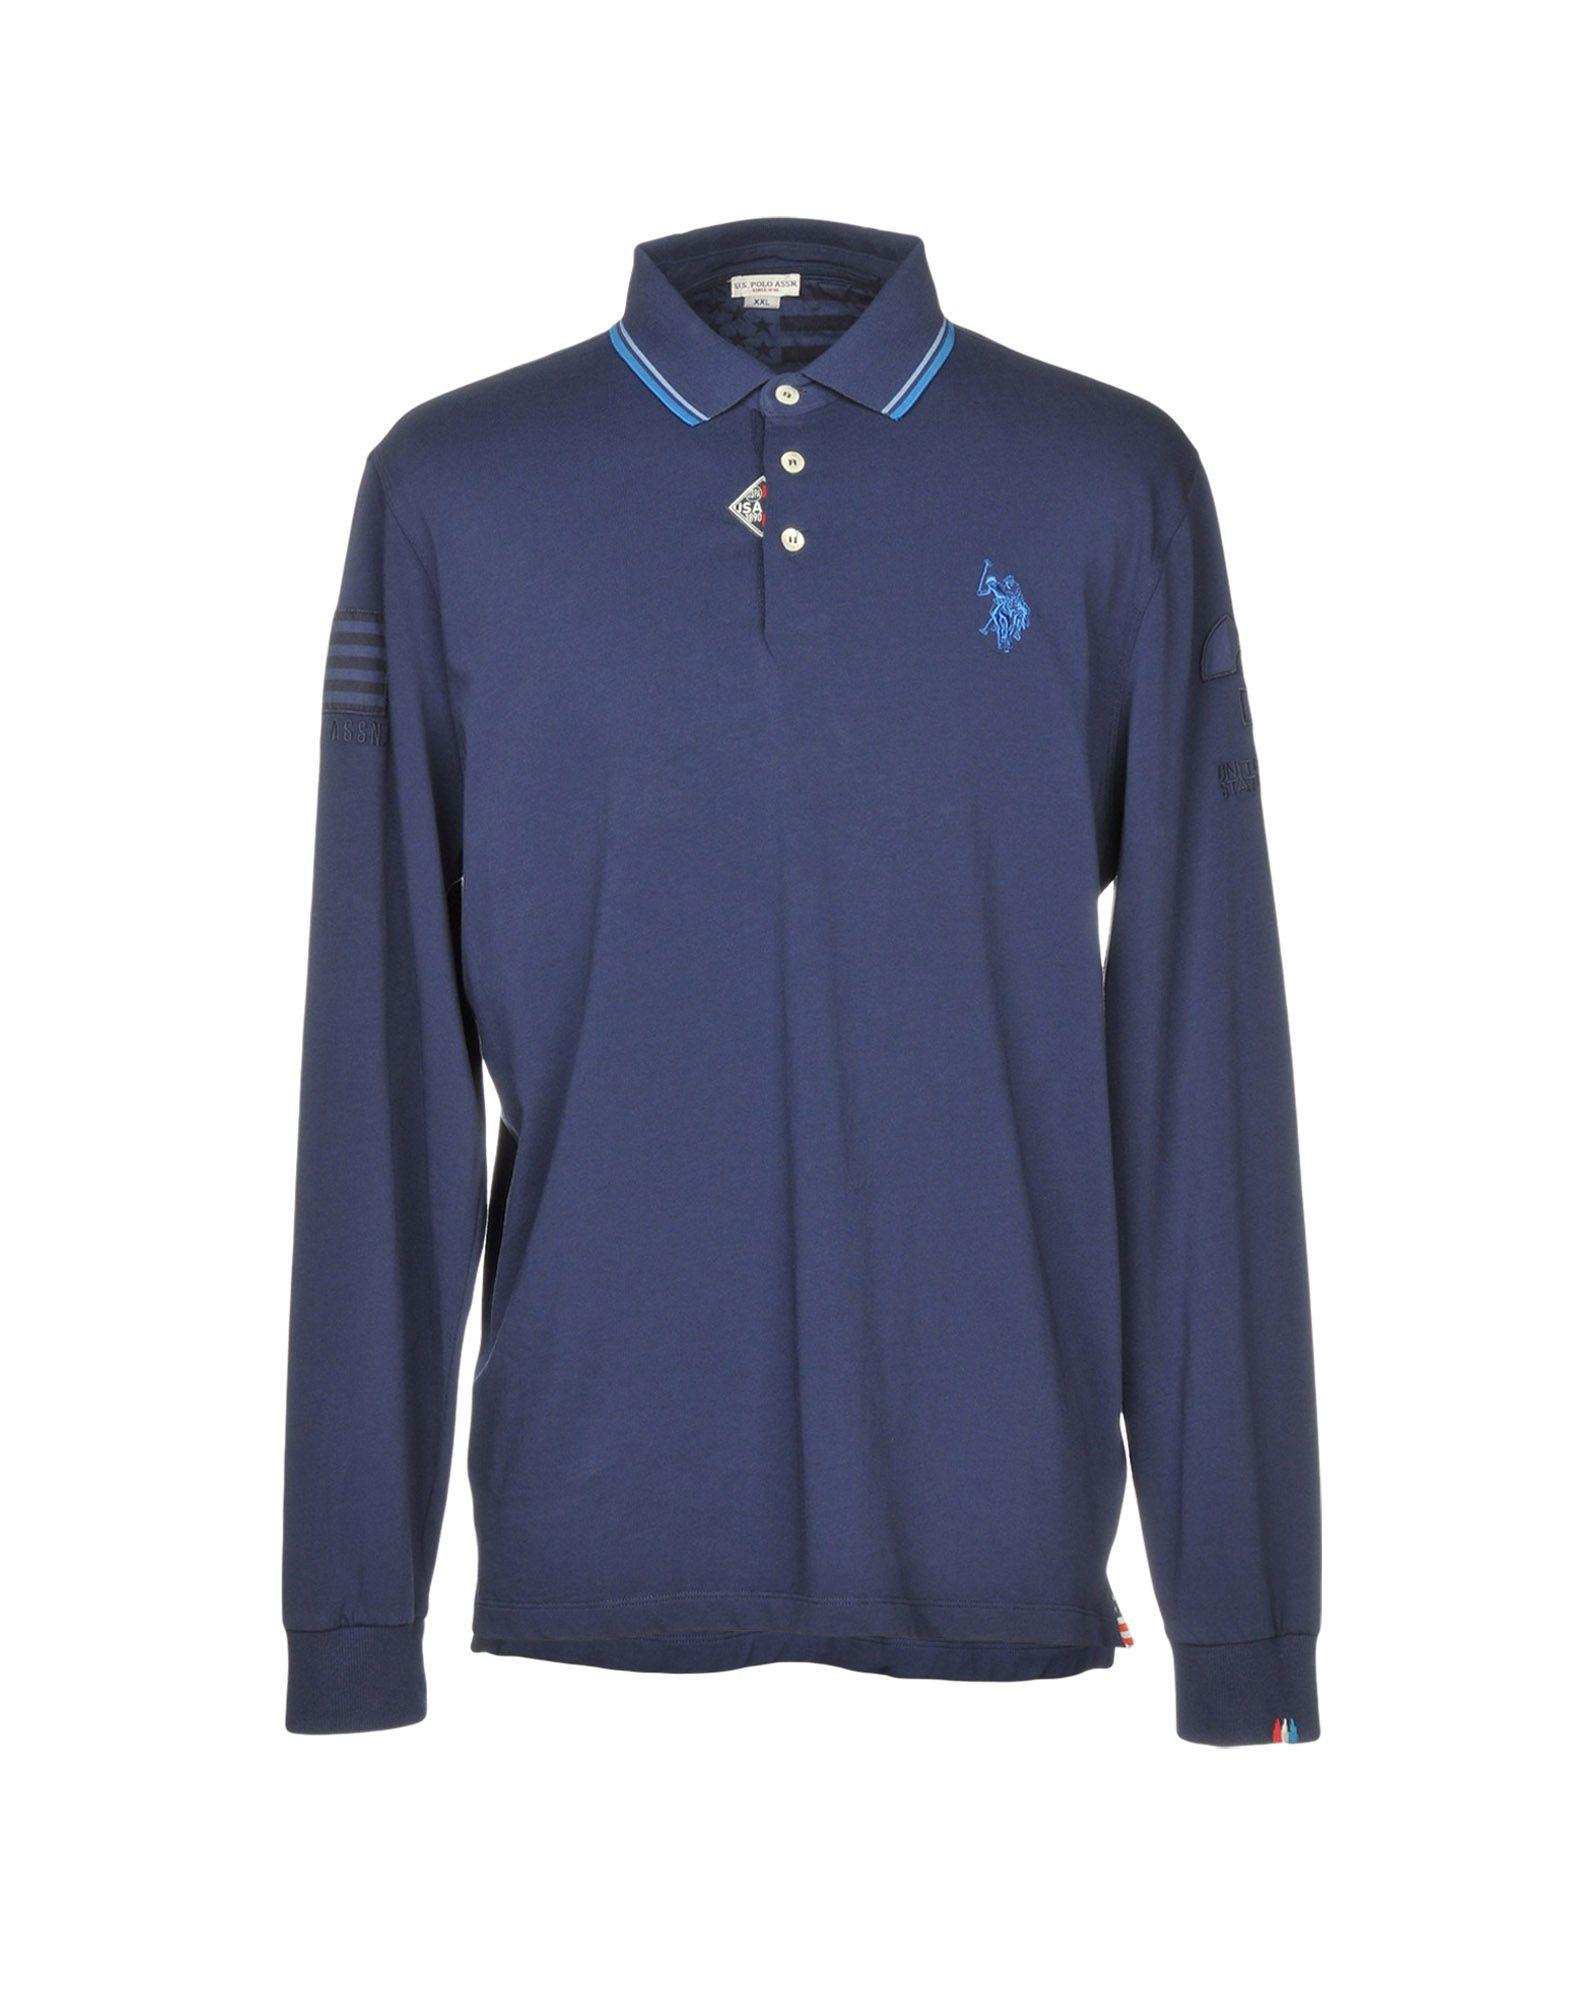 《送料無料》U.S.POLO ASSN. メンズ ポロシャツ ブルー XXL コットン 100%